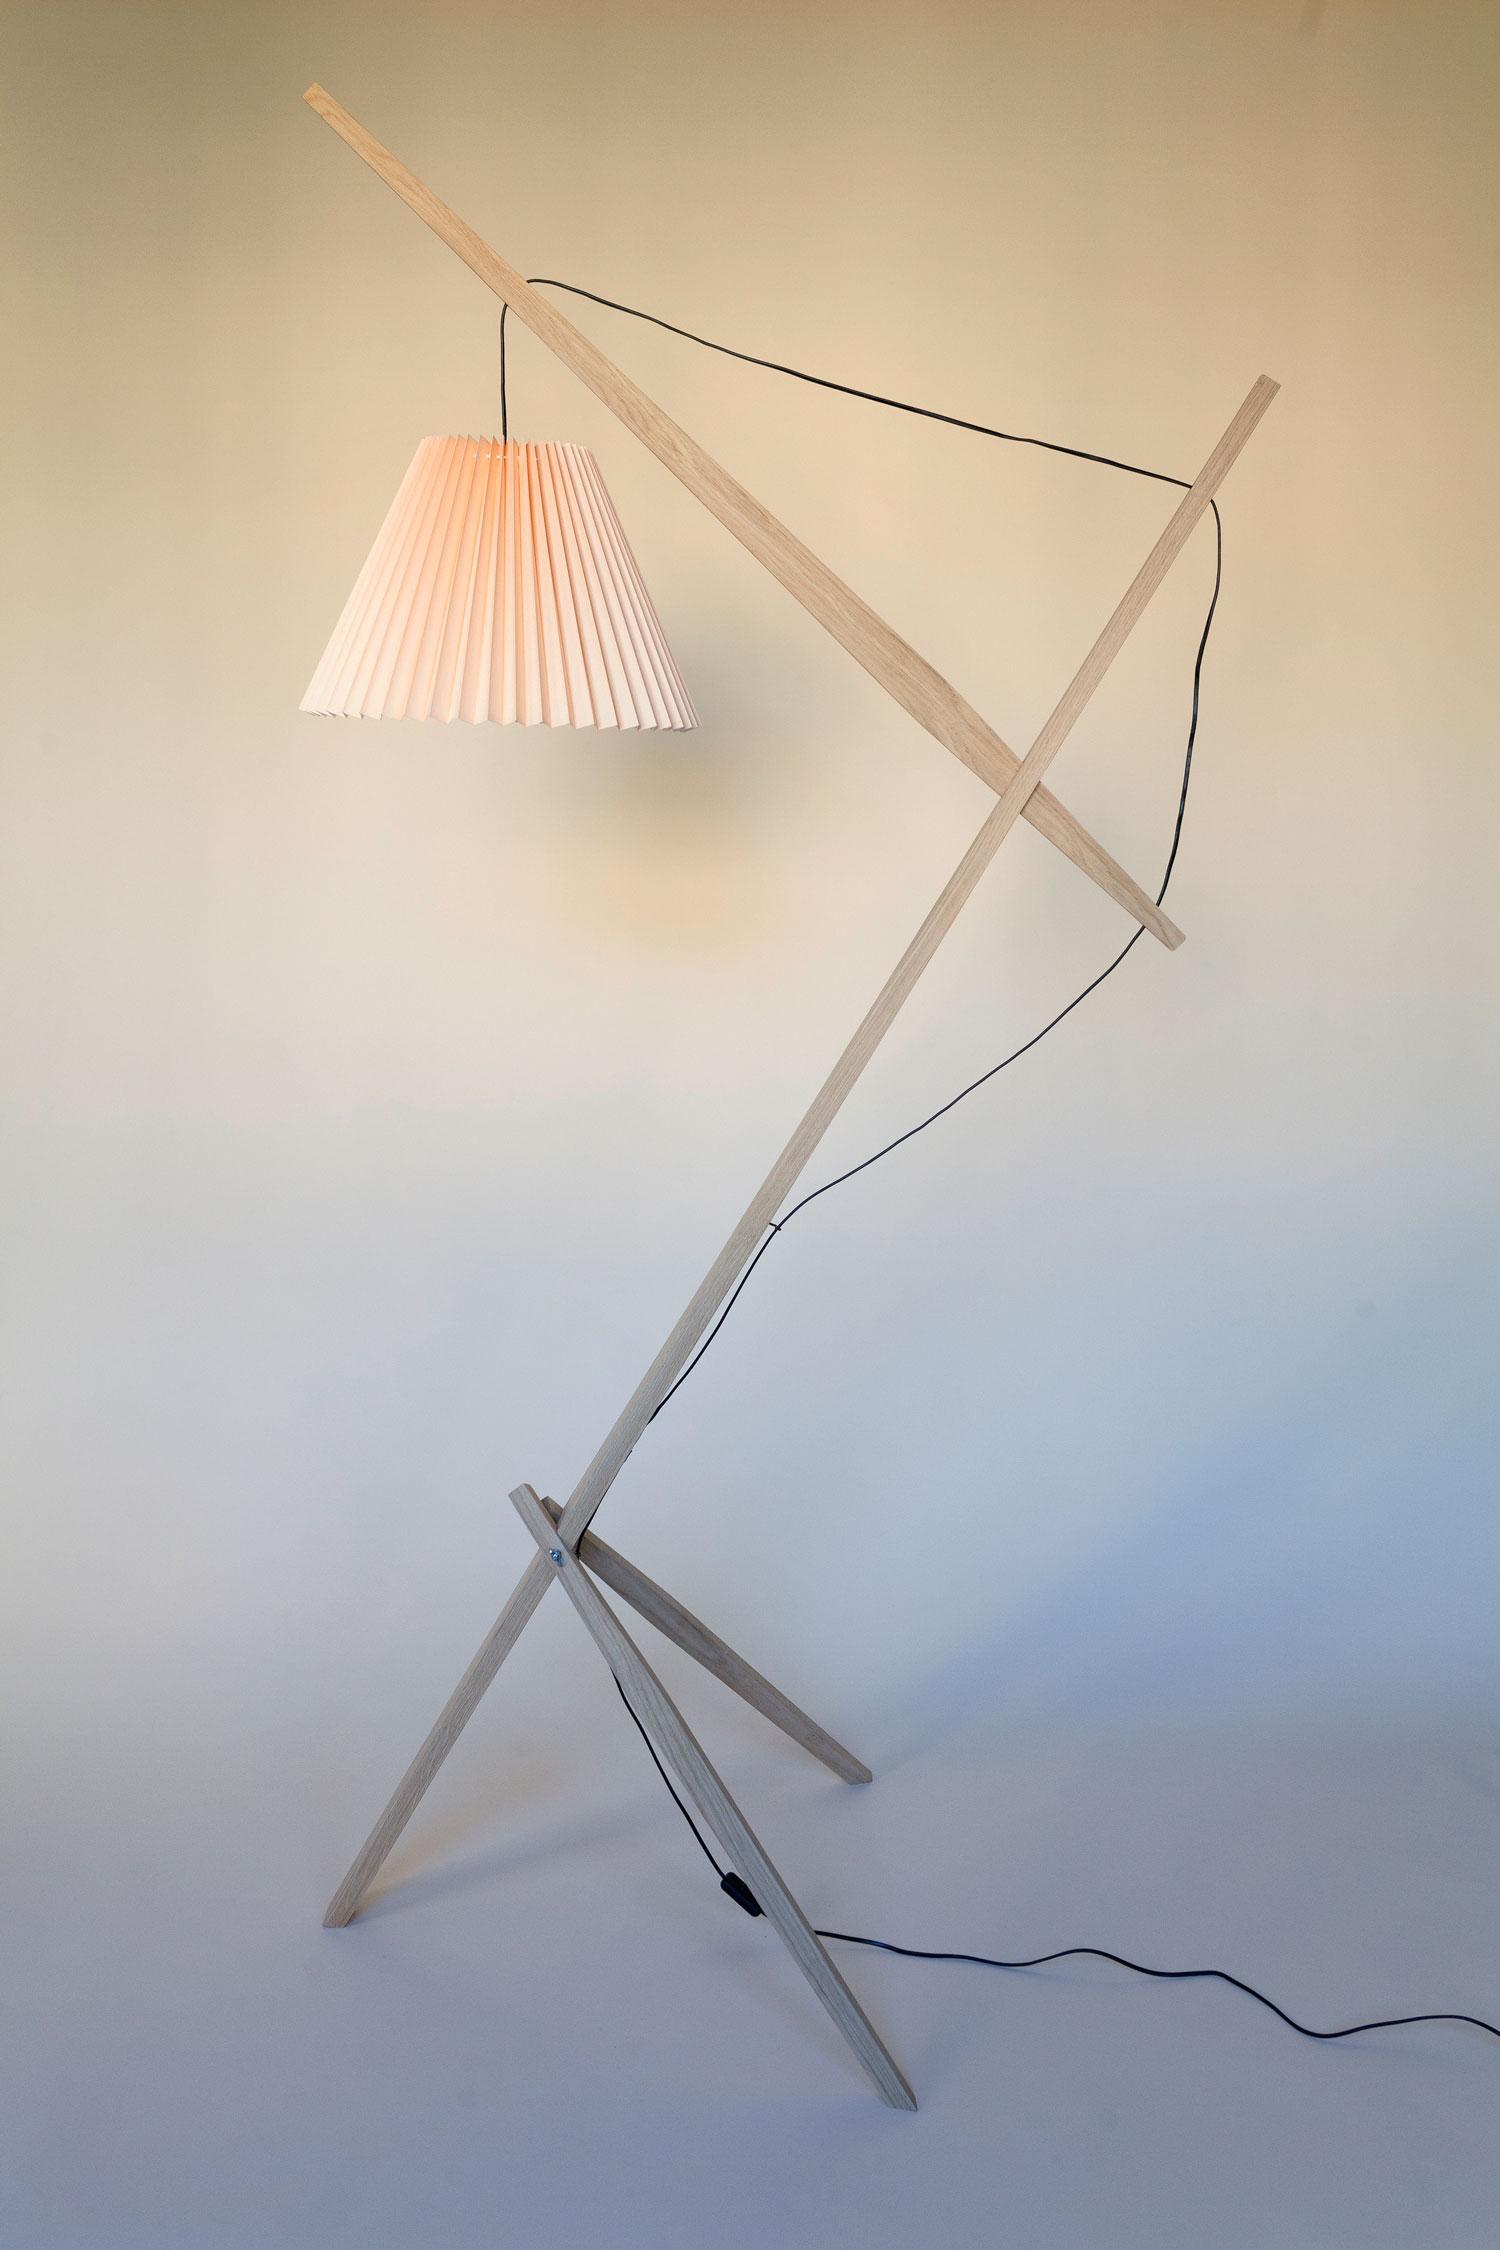 Gulvlampe kaldet Rosa lamp består af en trækonstruktion i dansk FSC-mærket eg fra et savværk i Enderslev, mens lampeskærmen i salmon – Gert lampshade – er produceret på en dansk familieejet lampefabrik. Lampen har et højt og lidt ranglet design, der måske kan skabe associationer til en giraf eller en gammel dame. Designet er let og elegant og med et fokus på ledningen, som i designs oftest gemmes væk. Rosa lanceres med 4 forskellige skærmfarver i smukke pastelagtige farver nemlig blå, mint, salmon og hvid.